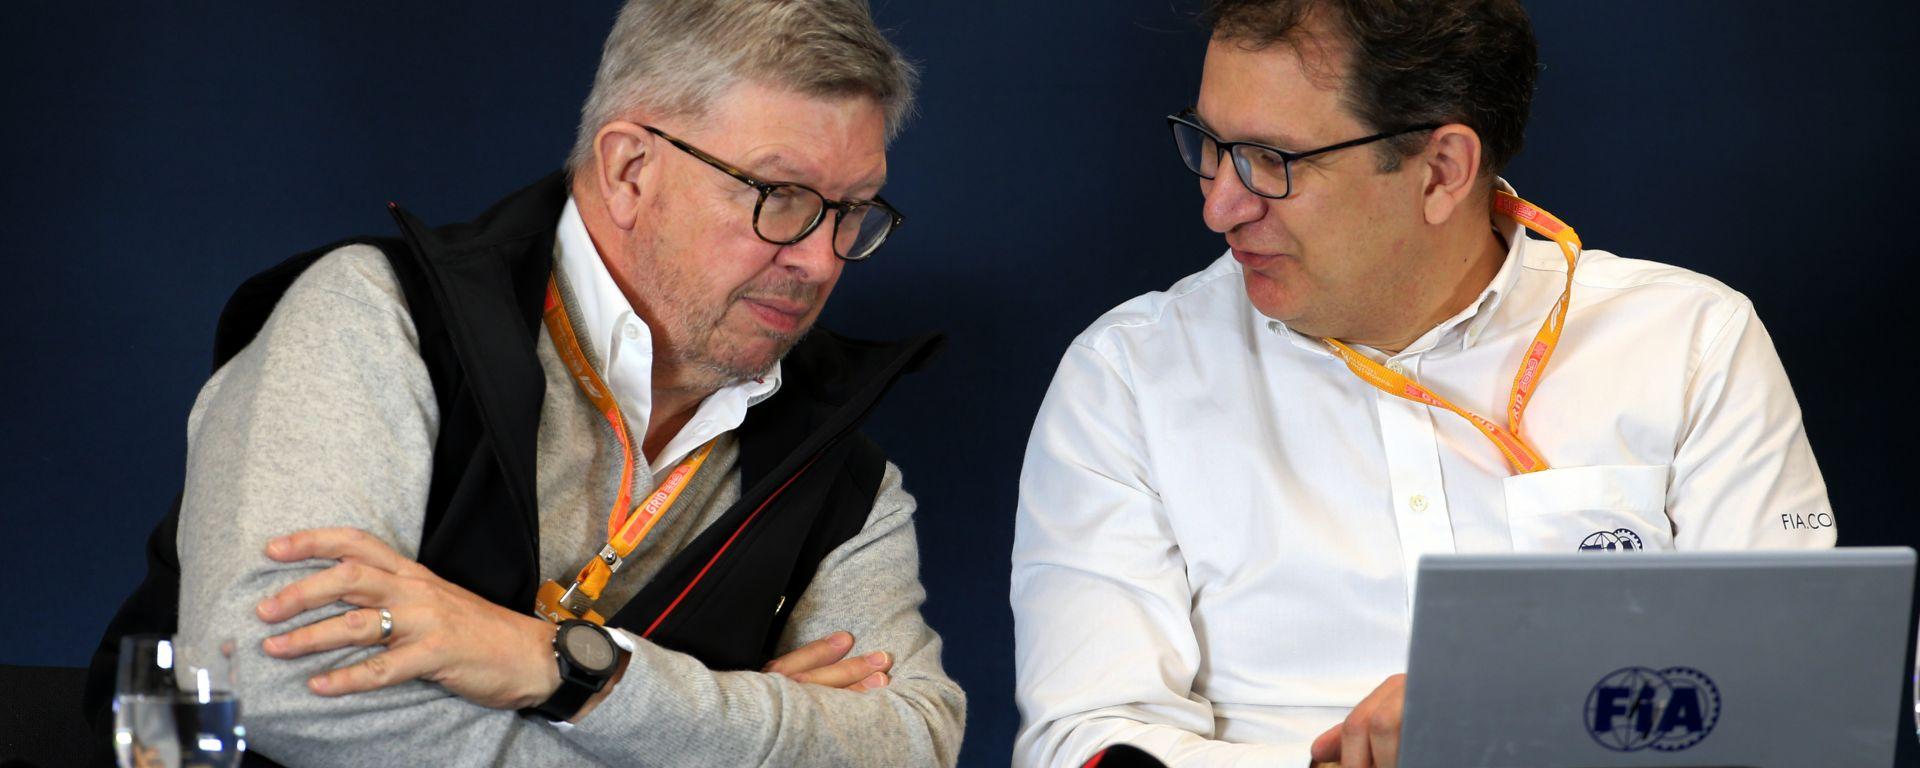 F1: il direttore sportivo Ross Brawn e il direttore tecnico FIA Nikolas Tombazis